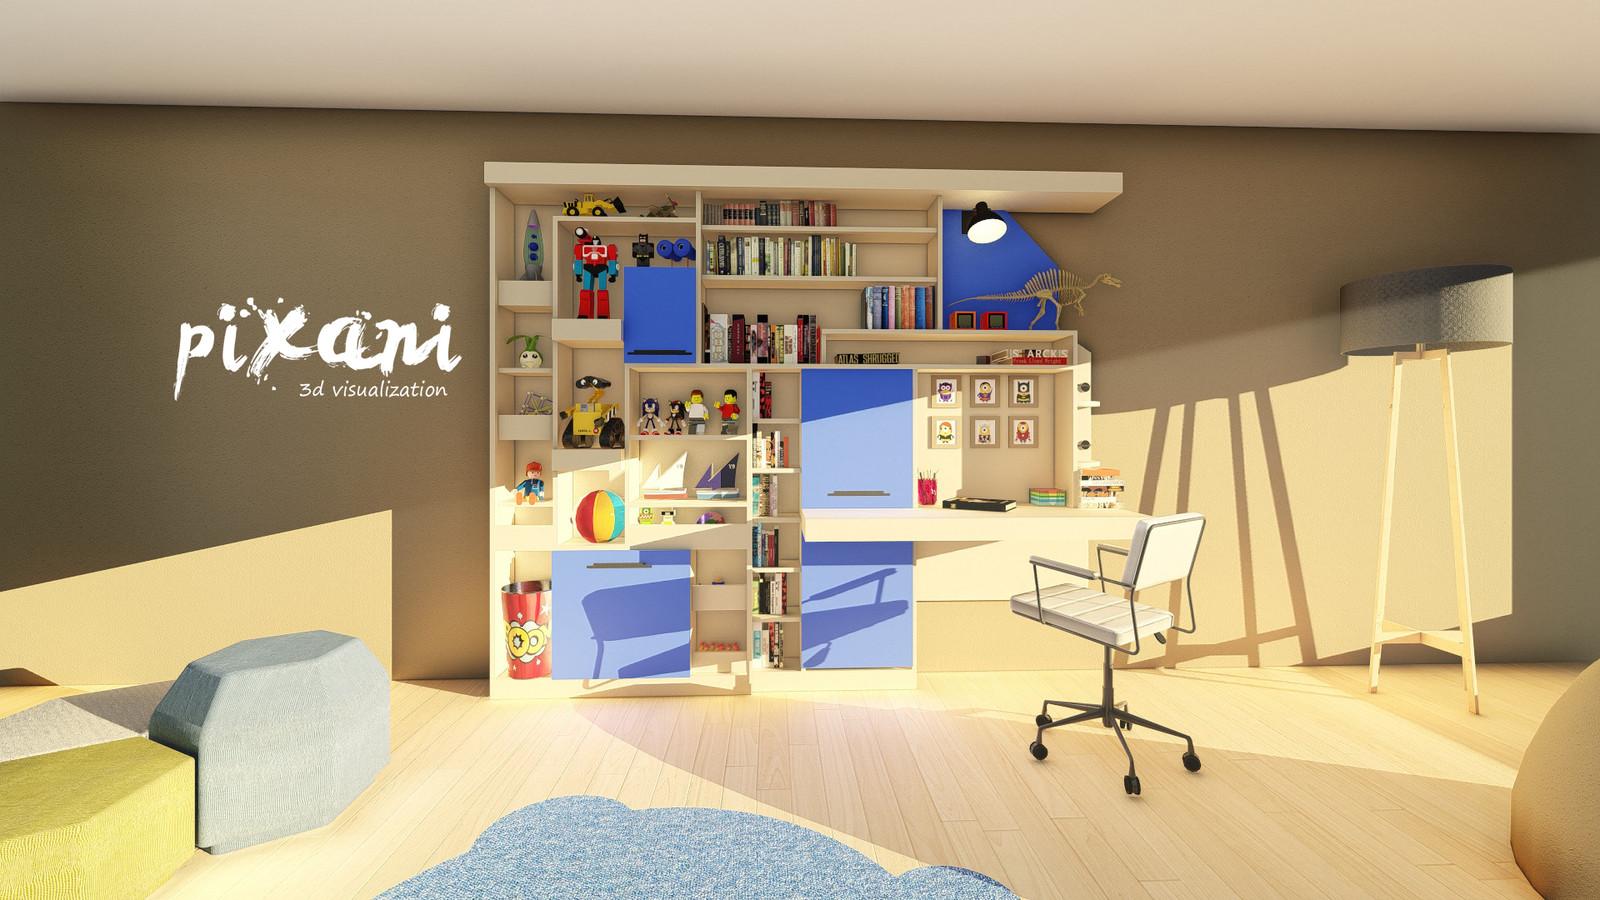 Sky & Cotton Candy Children Room || Gökyüzü & Pamuk Şeker Çocuk Odası   Furniture Design SKY MODEL 3D modeling + Render visualization Project   Designed by Serdar Çakmak #pixani